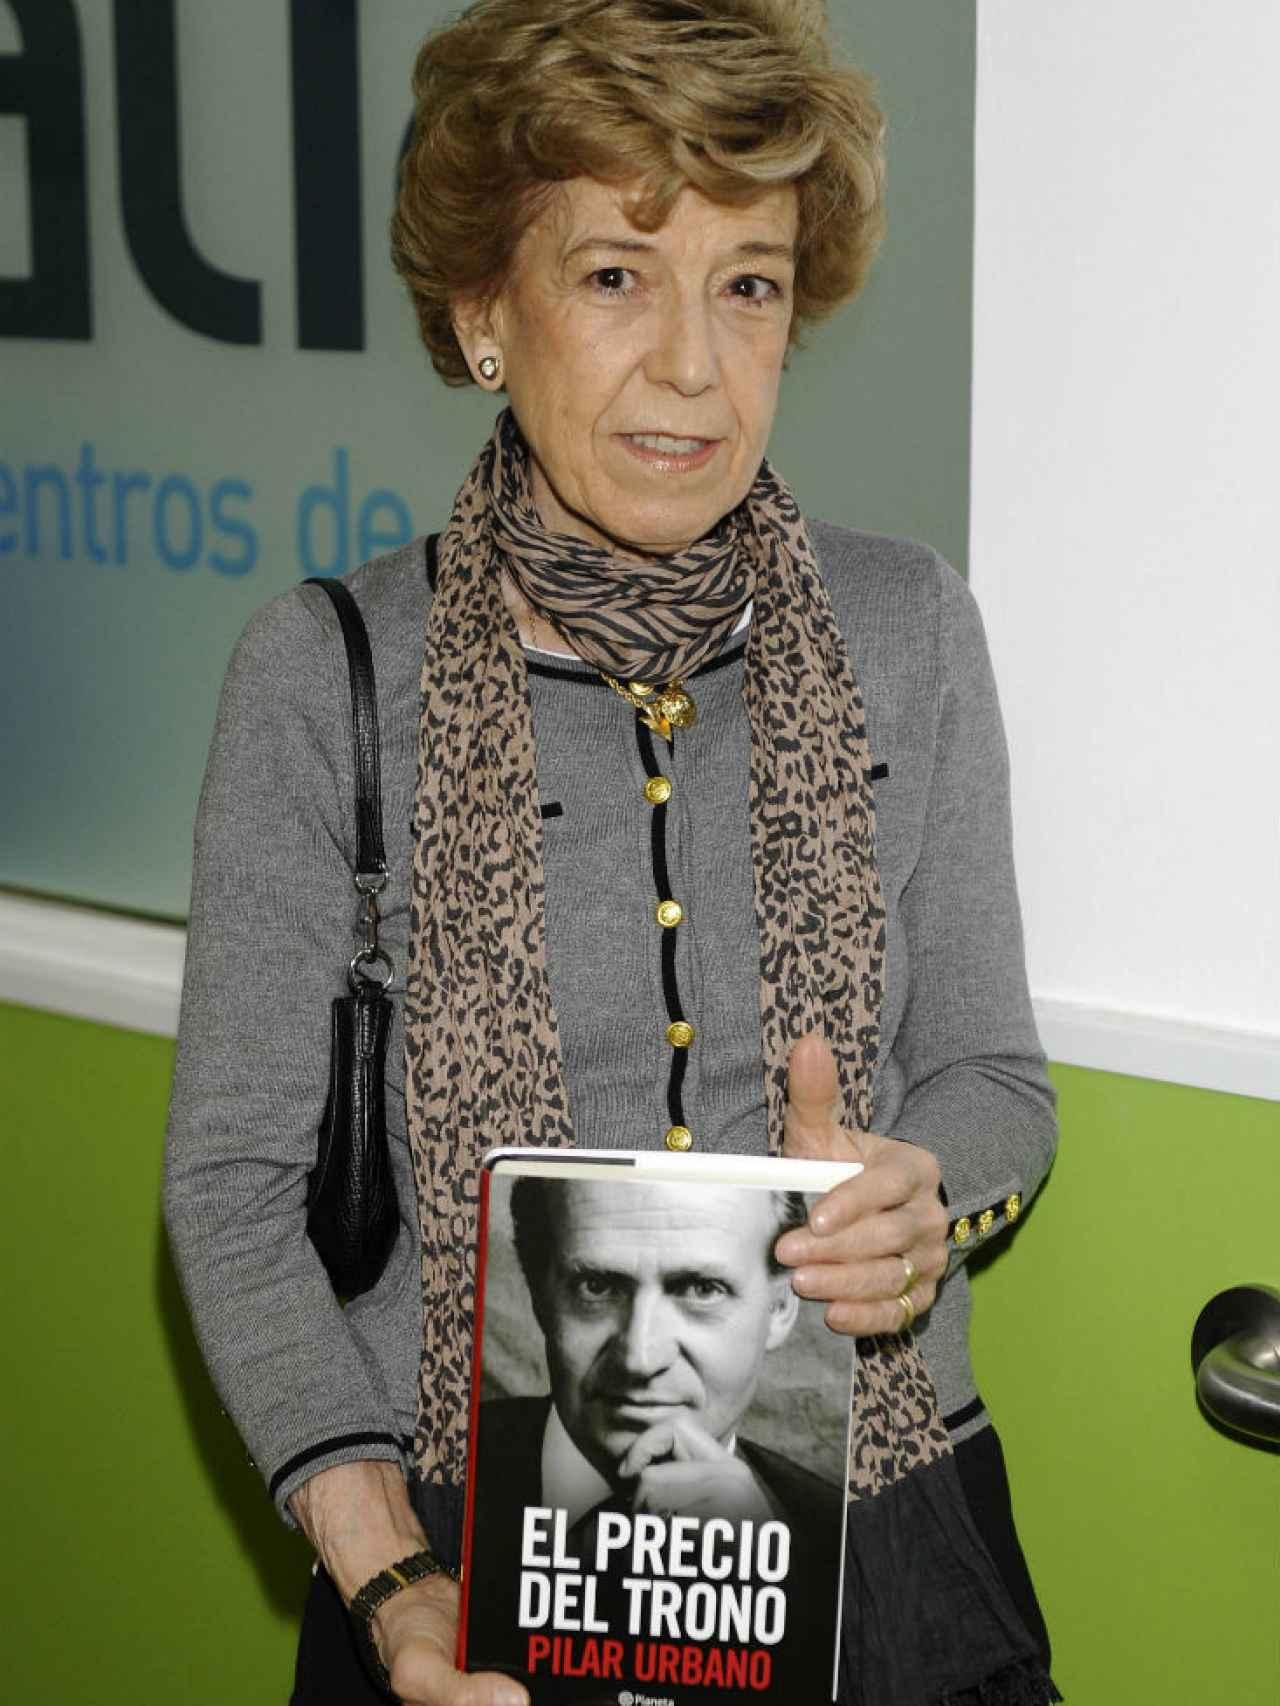 La periodista Pilar Urbano durante la presentación del libro El precio del trono.